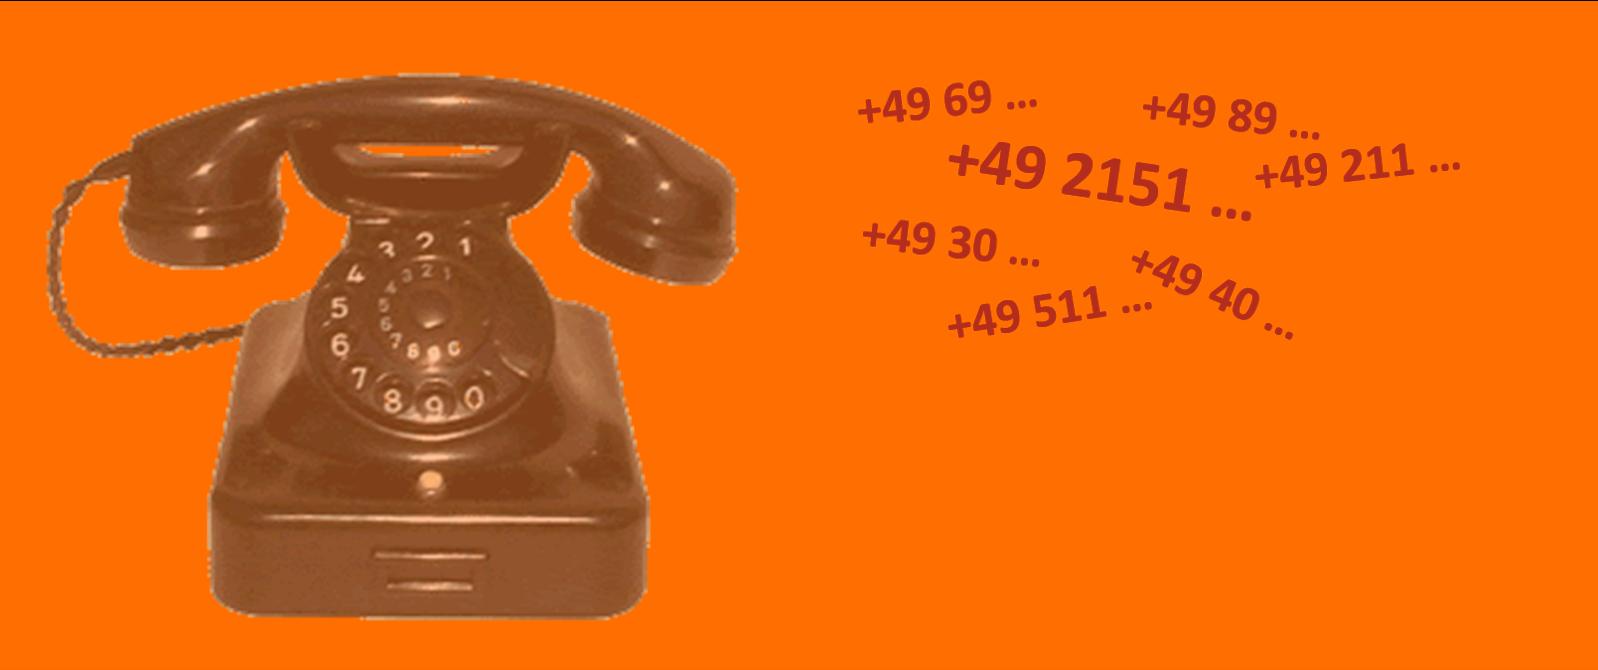 Huur Duits telefoonnummer